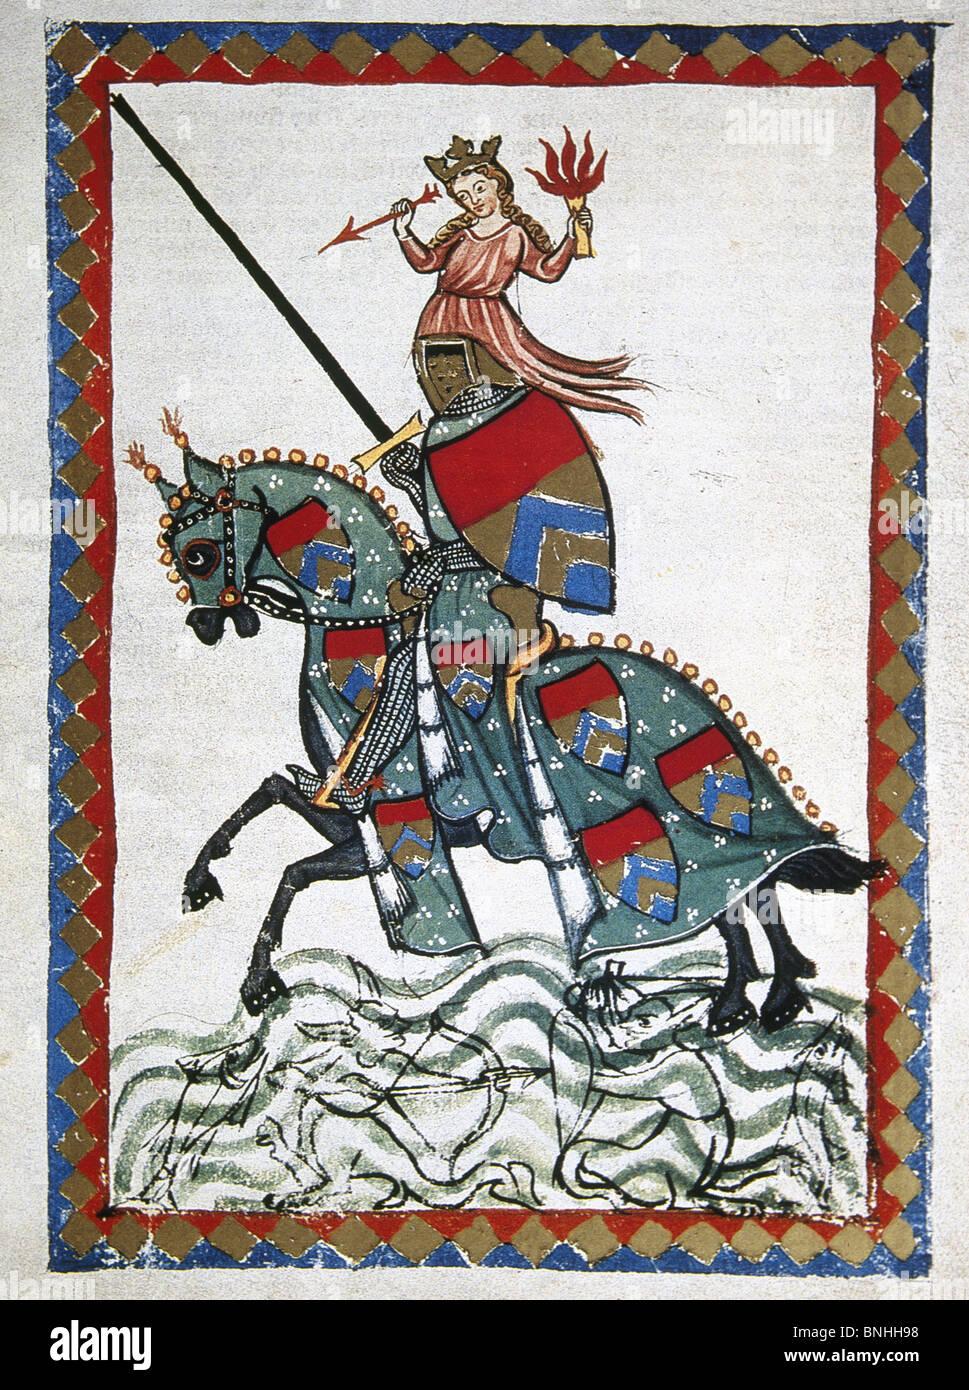 Ulrich von Liechtenstein (1200-1278) , nobile medievale, cavaliere, politico e minnesanger. Ulrich su un viaggio. Immagini Stock